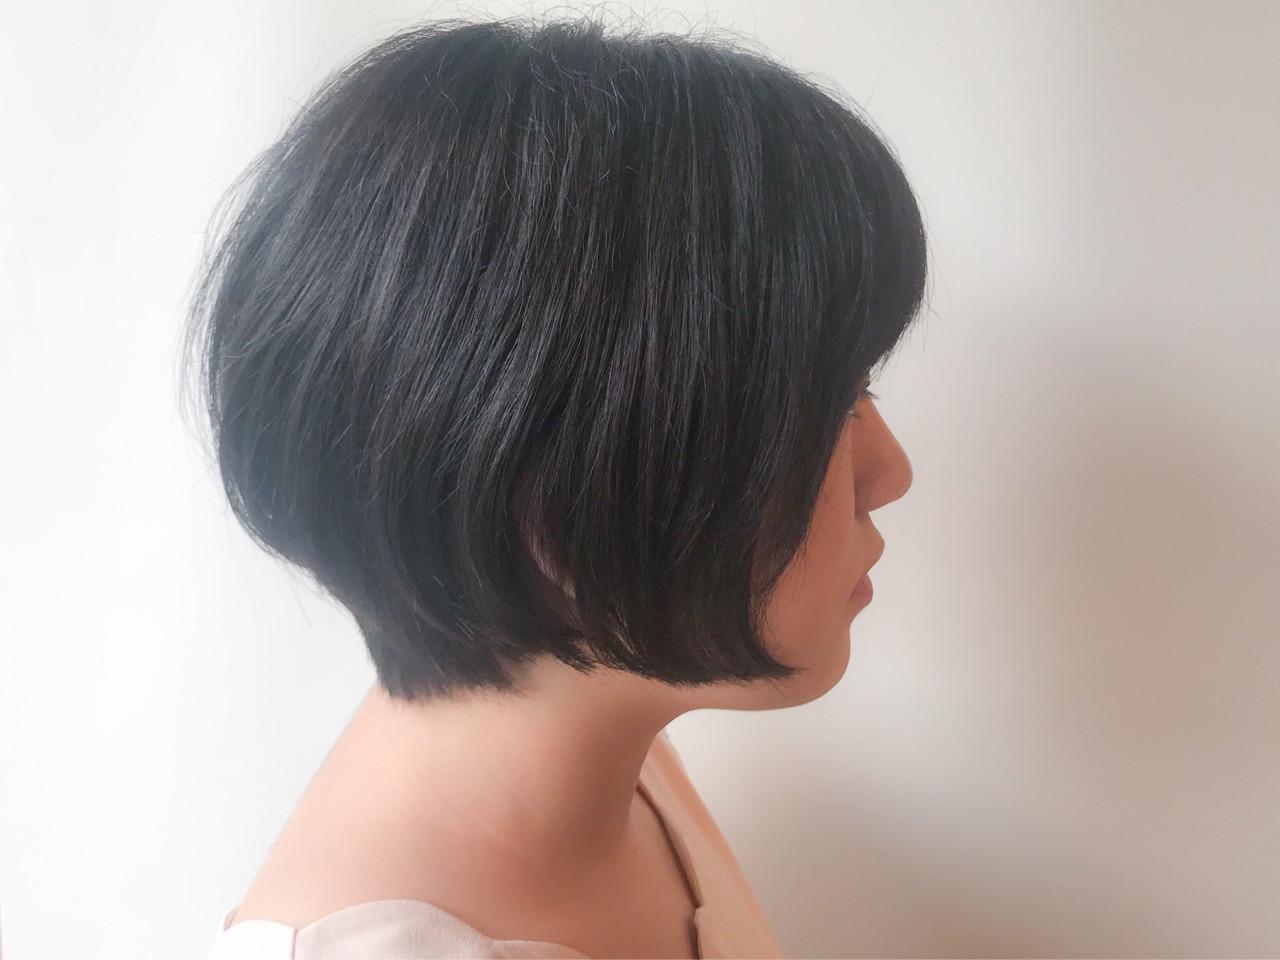 愛され モテ髪 ゆるふわ ショートボブ ヘアスタイルや髪型の写真・画像 | HIROKI / roijir / roijir